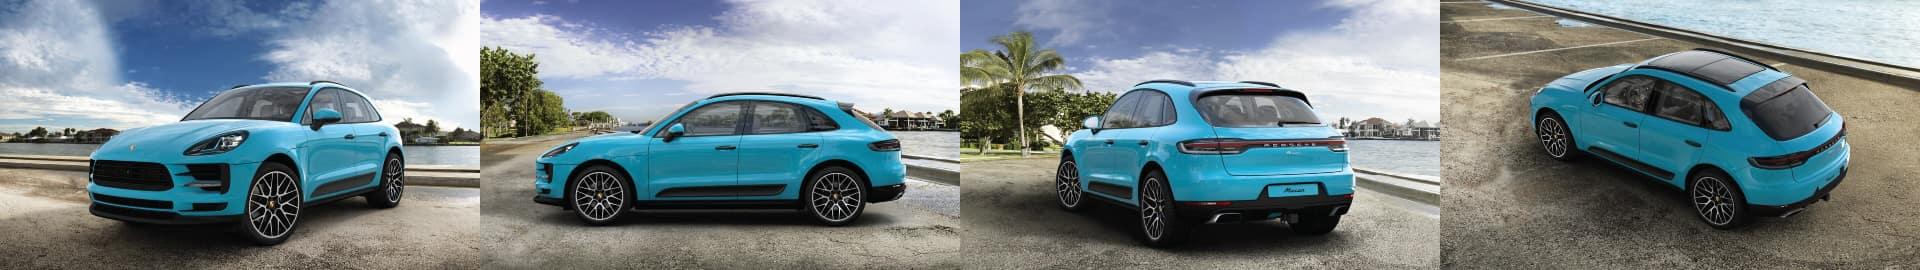 2020 Porsche Macan For Sale Charleston SC | Mount Pleasant